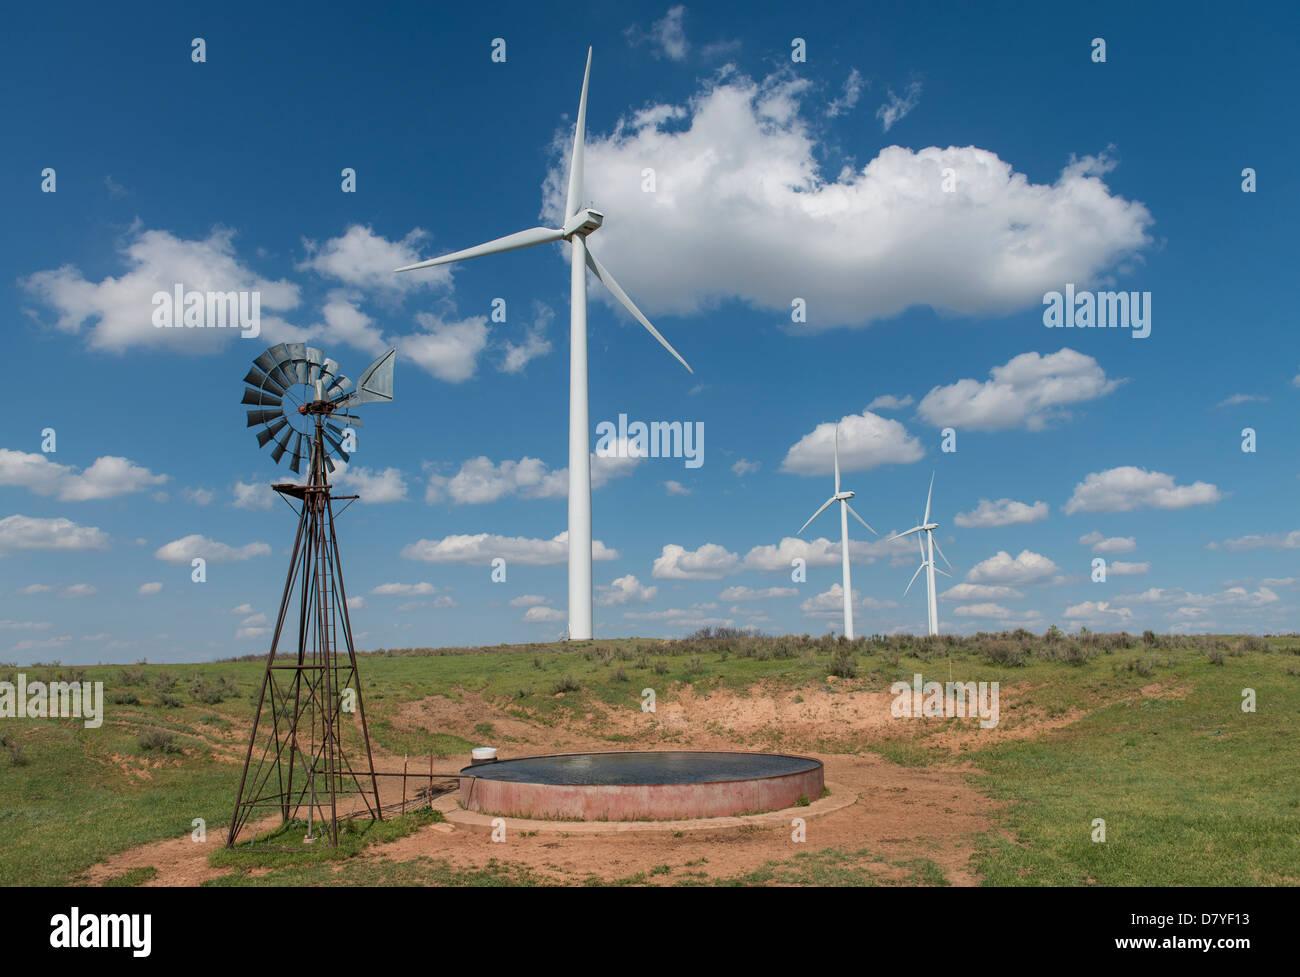 Eine alte Windmühle zur Wasserförderung sitzt neben Windmühlen zur Stromerzeugung im Nordwesten Oklahoma Stockbild